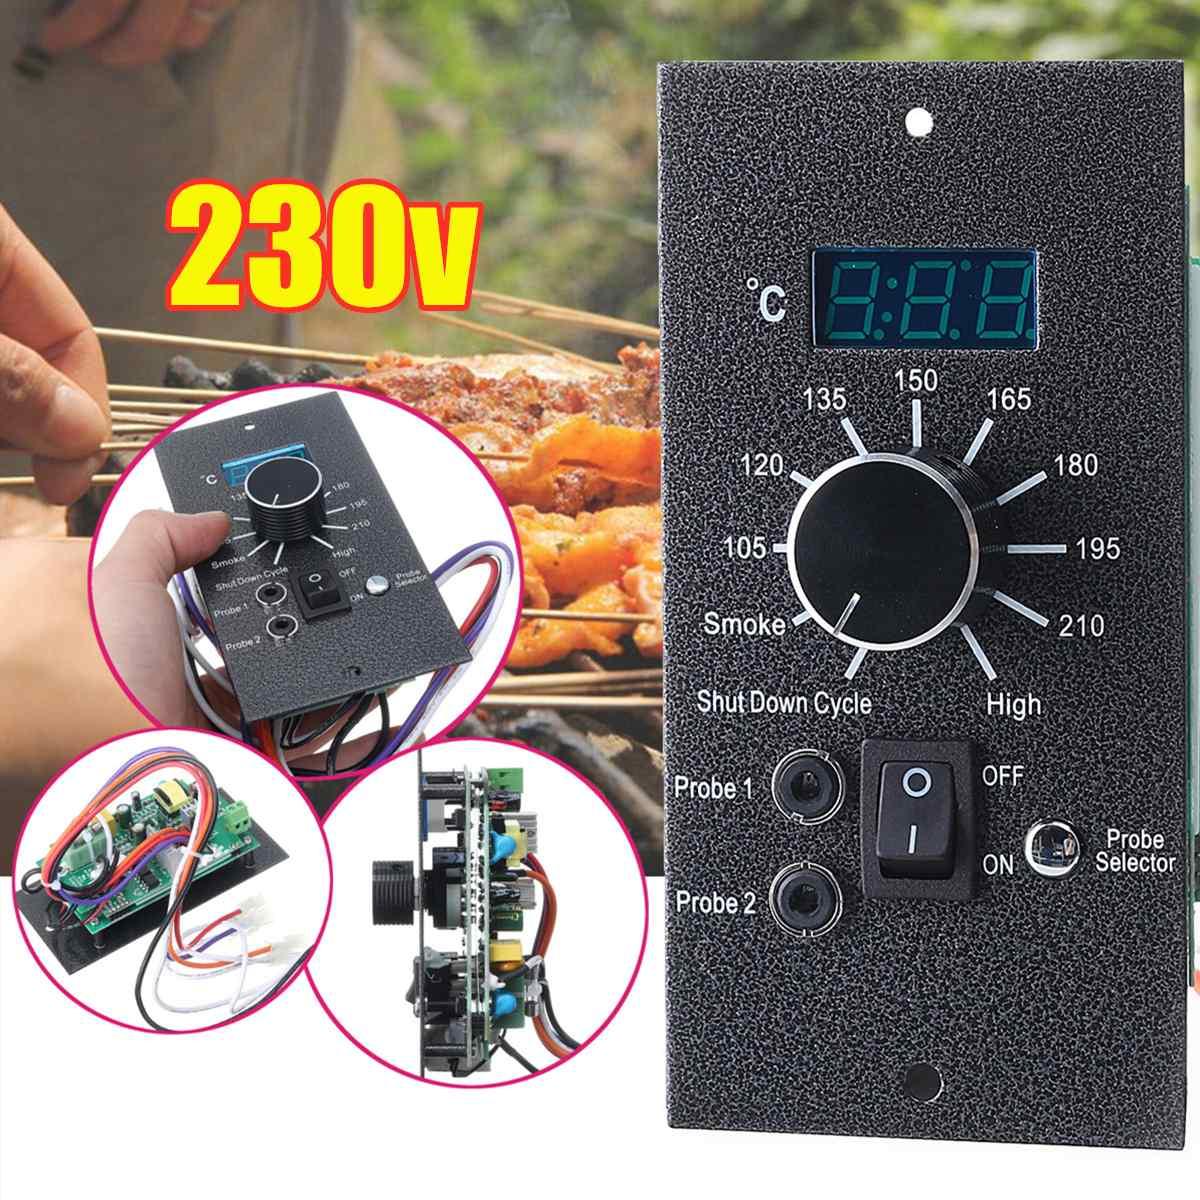 لوحة ترموستات رقمية للحديد ، 230 فولت ، متحكم في درجة الحرارة ، بديل لشواية الشواء ، أواني المطبخ